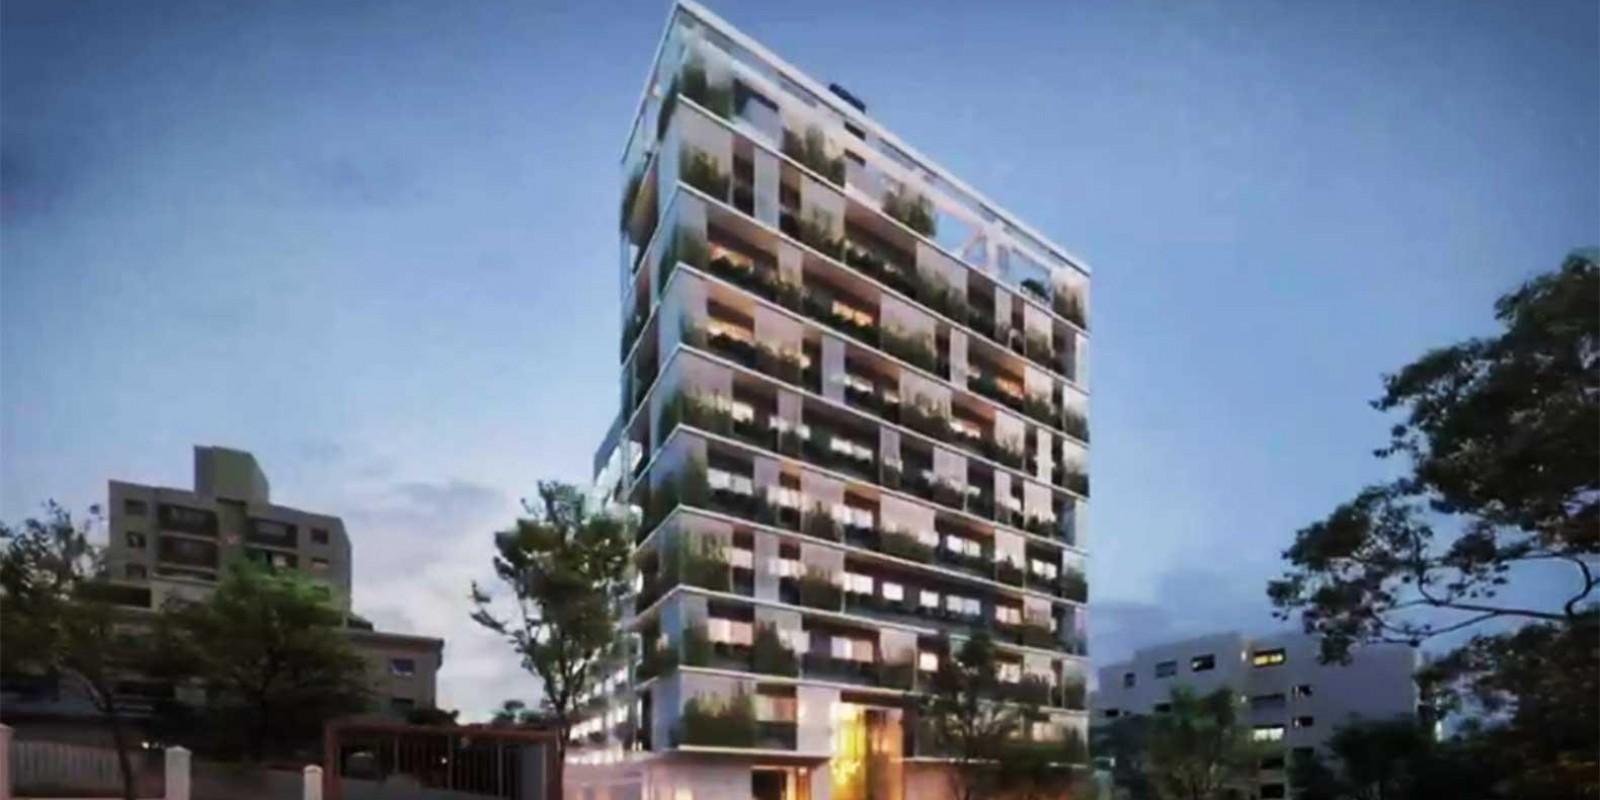 TPS Imóveis apresenta Apartamento a Venda 1 e 2 Dormitórios em Porto Alegre